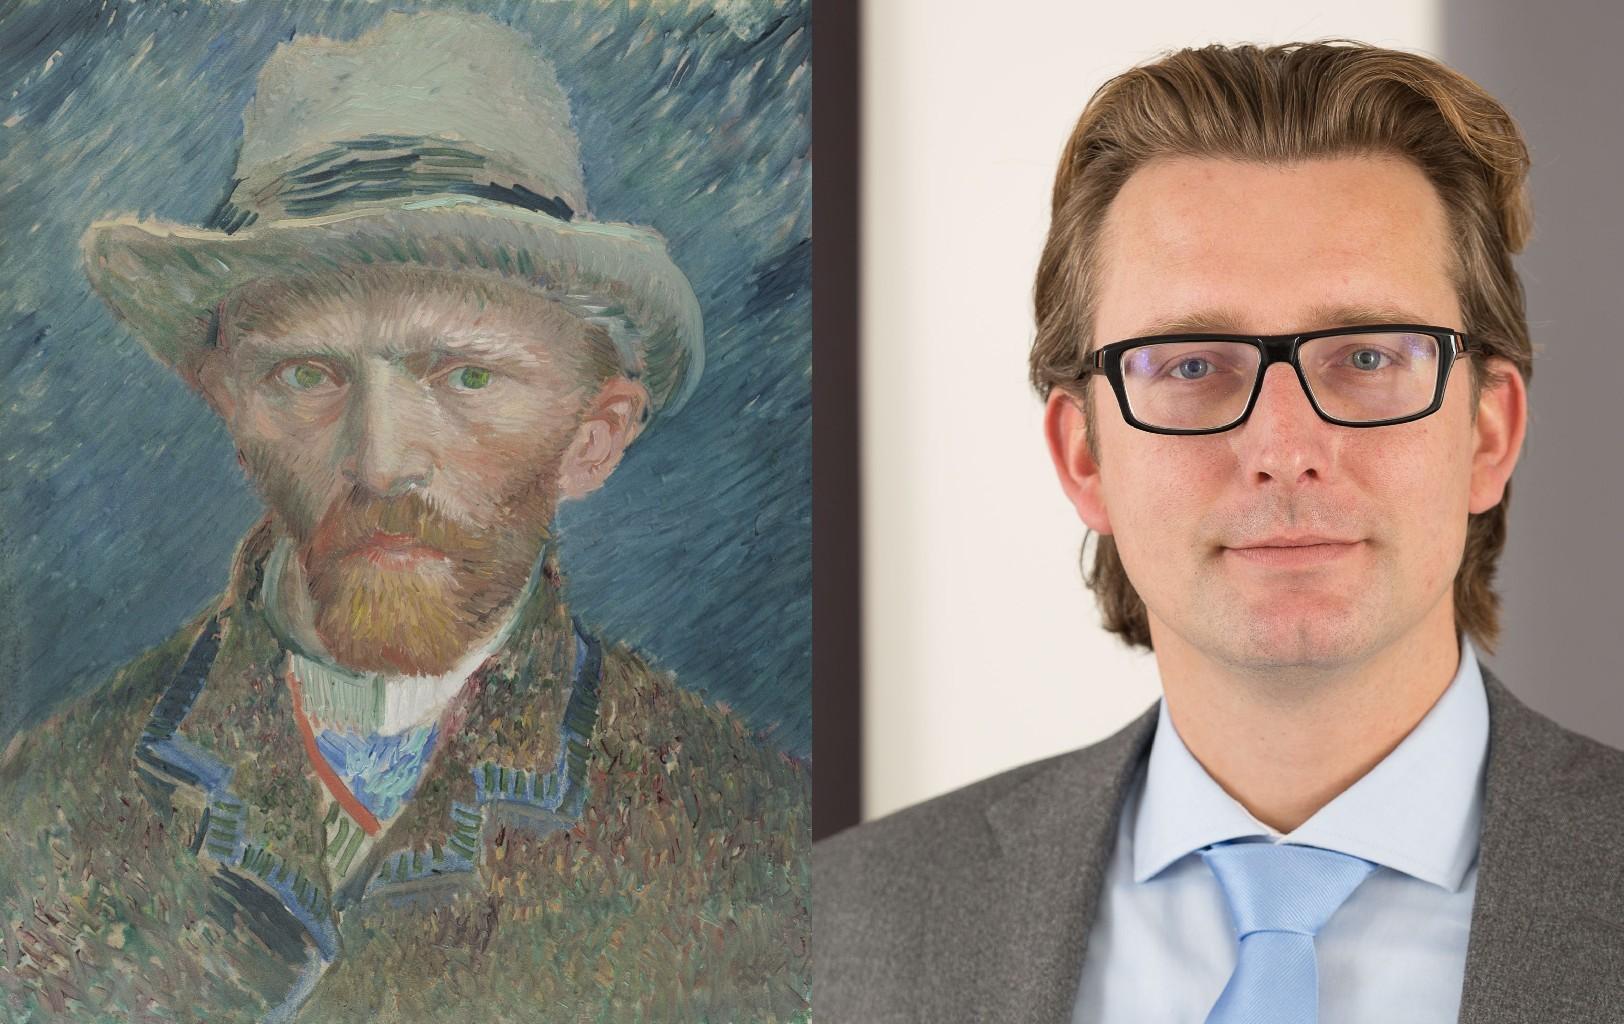 Van Gogh 1887 Self-Portrait, Vincent van Gogh (1853-1890) vanGo'd by Martin